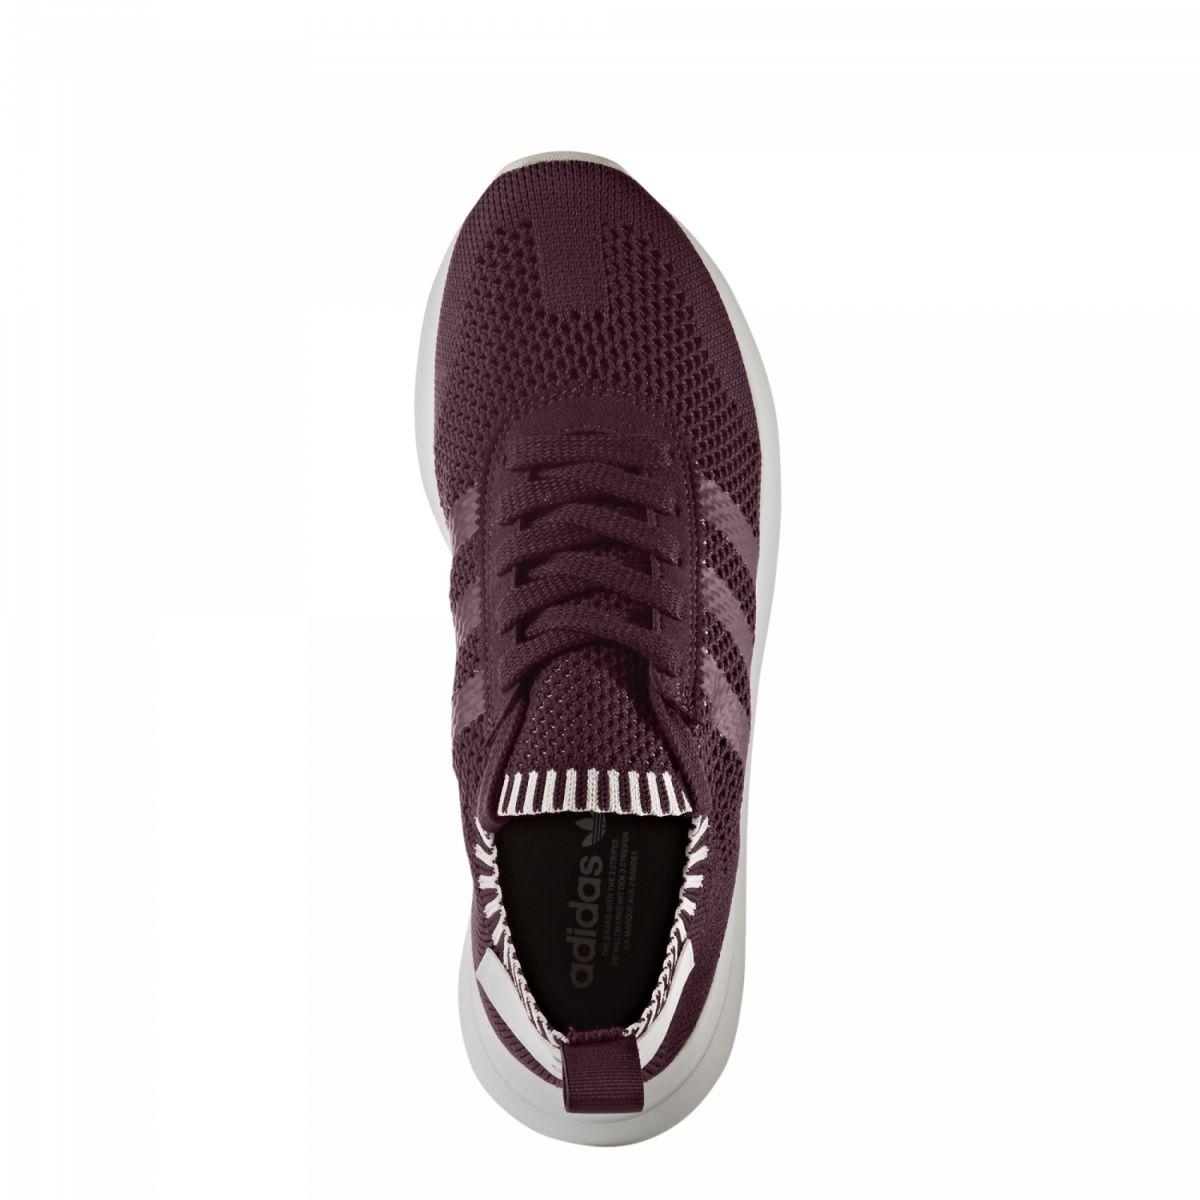 sport klingenmaier adidas flashback primeknit damen. Black Bedroom Furniture Sets. Home Design Ideas